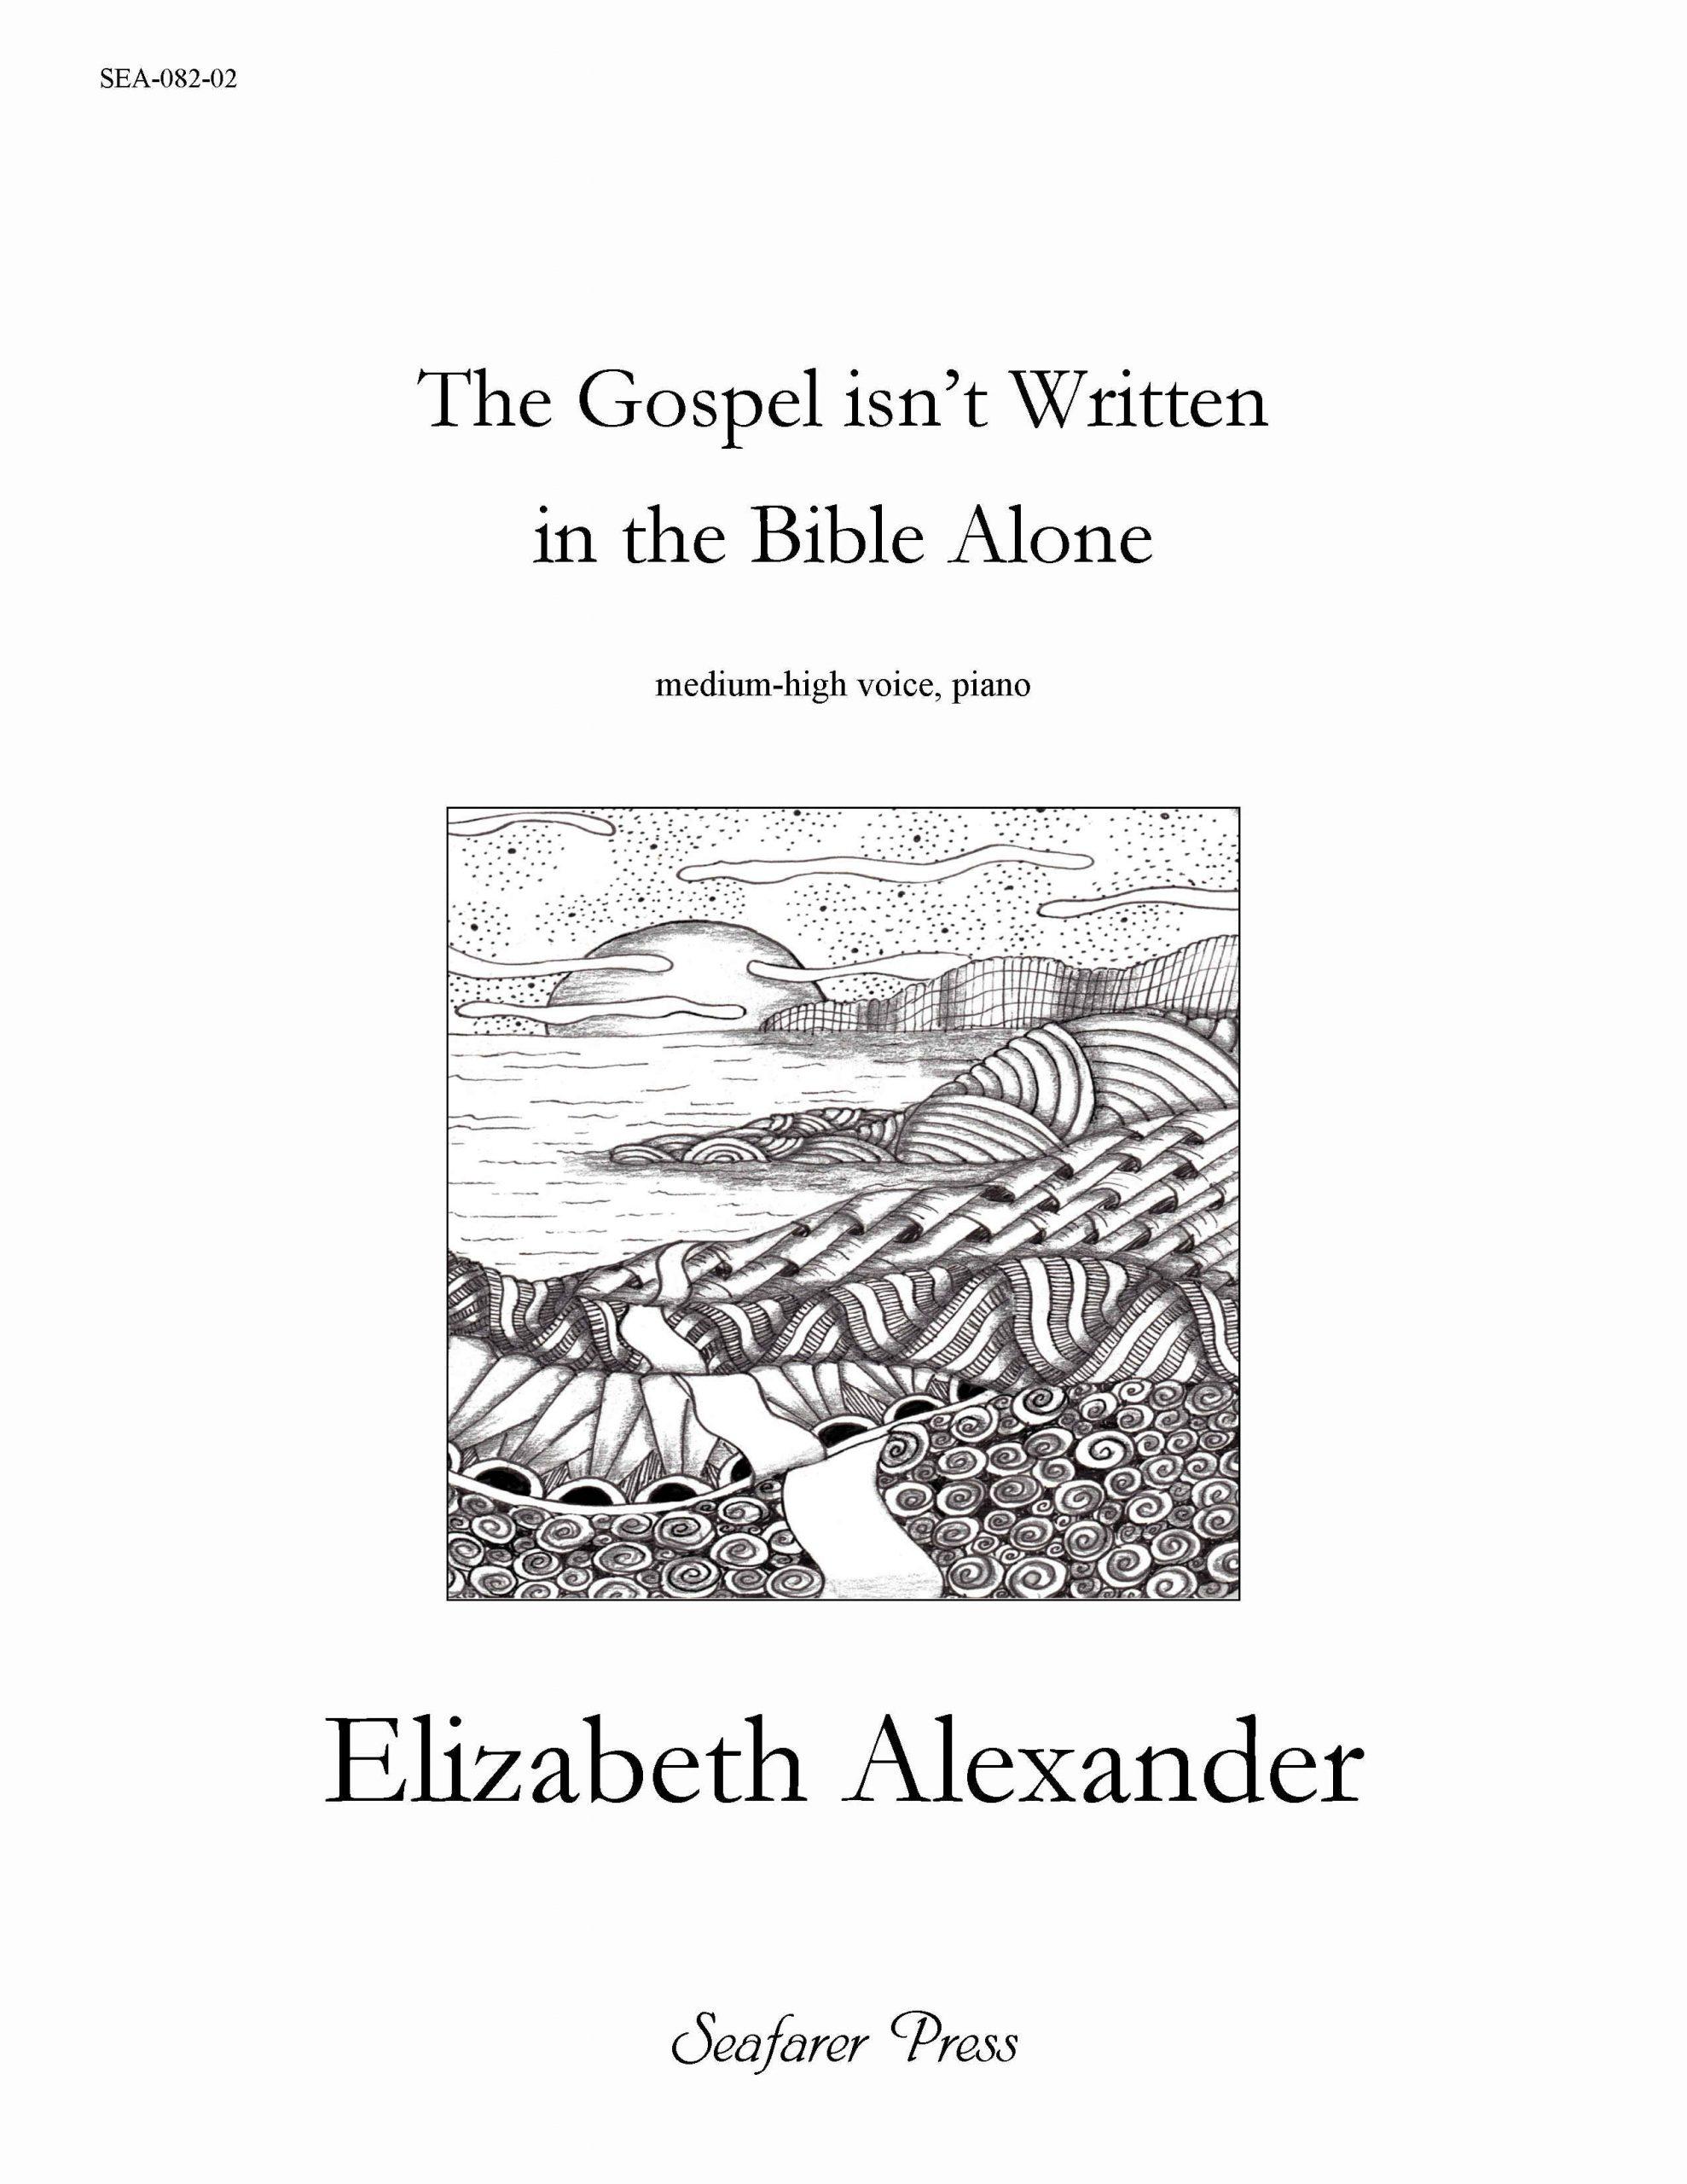 SEA-082-02 - The Gospel Isn't Written In the Bible Alone